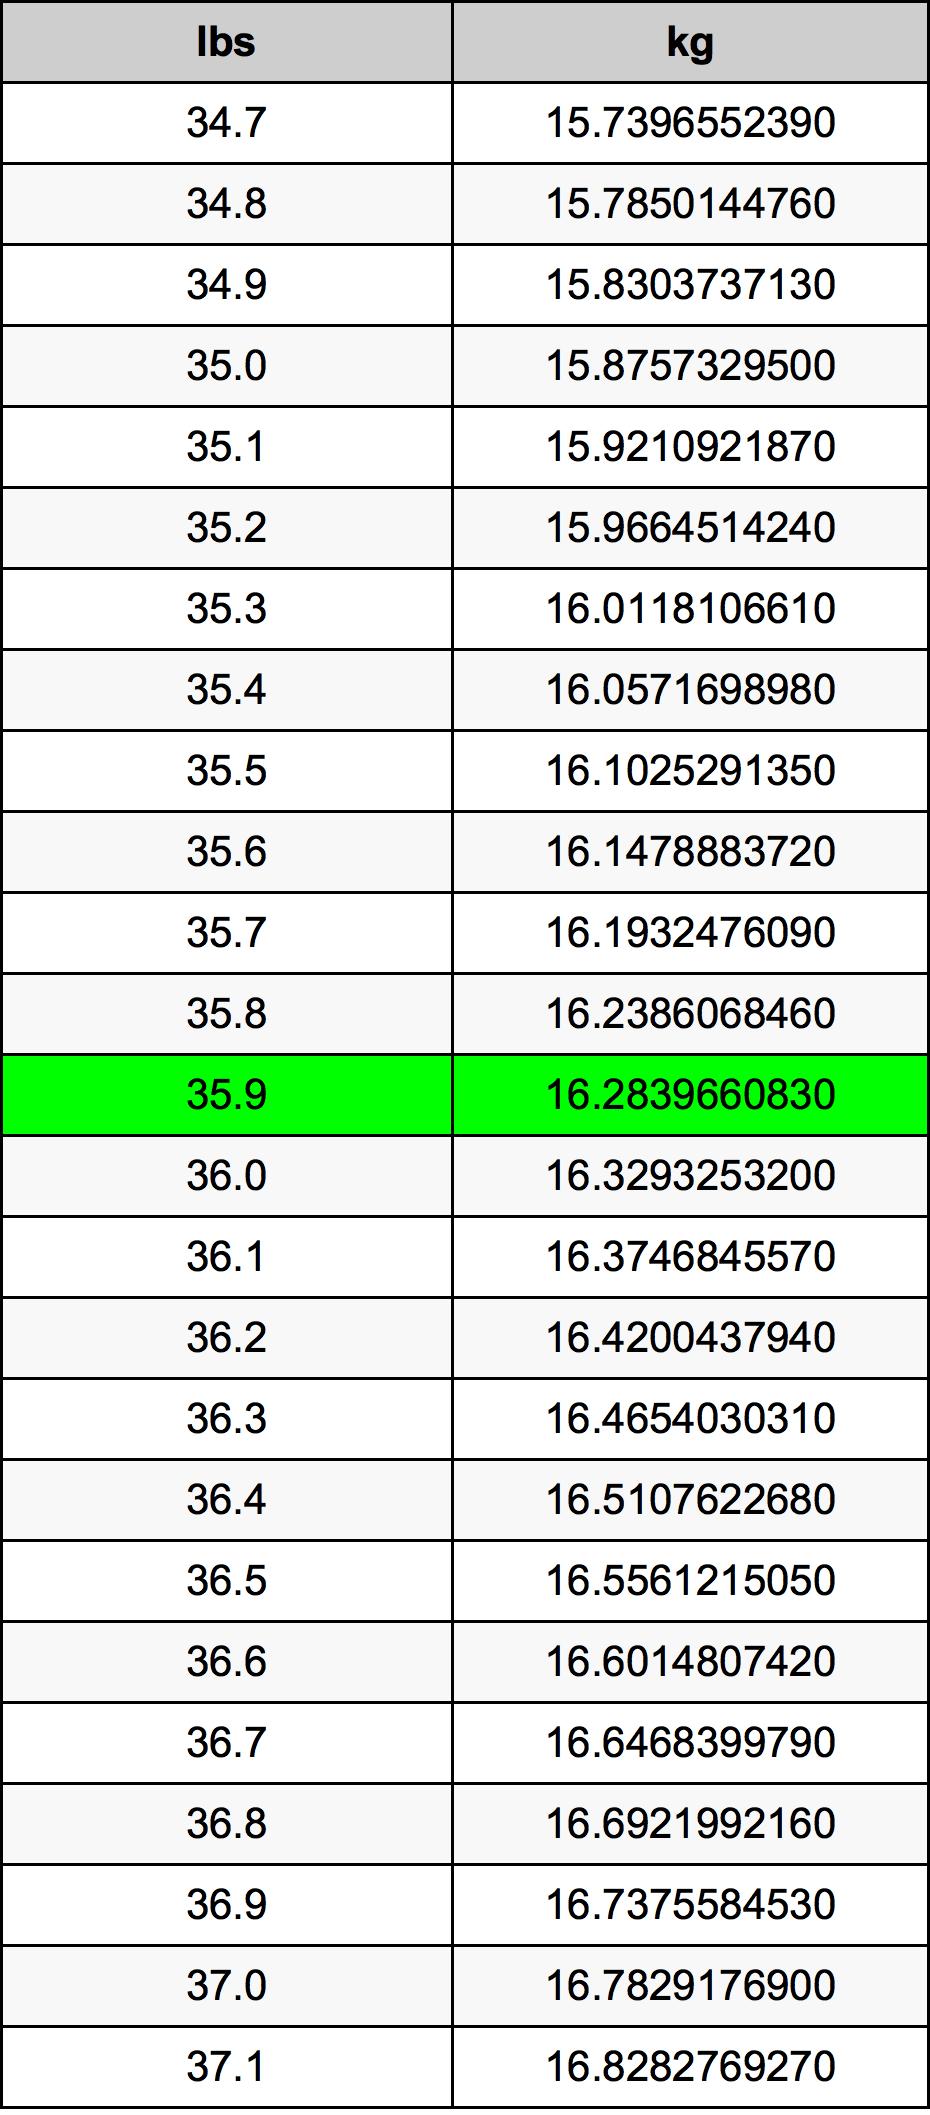 35.9 Svaras konversijos lentelę